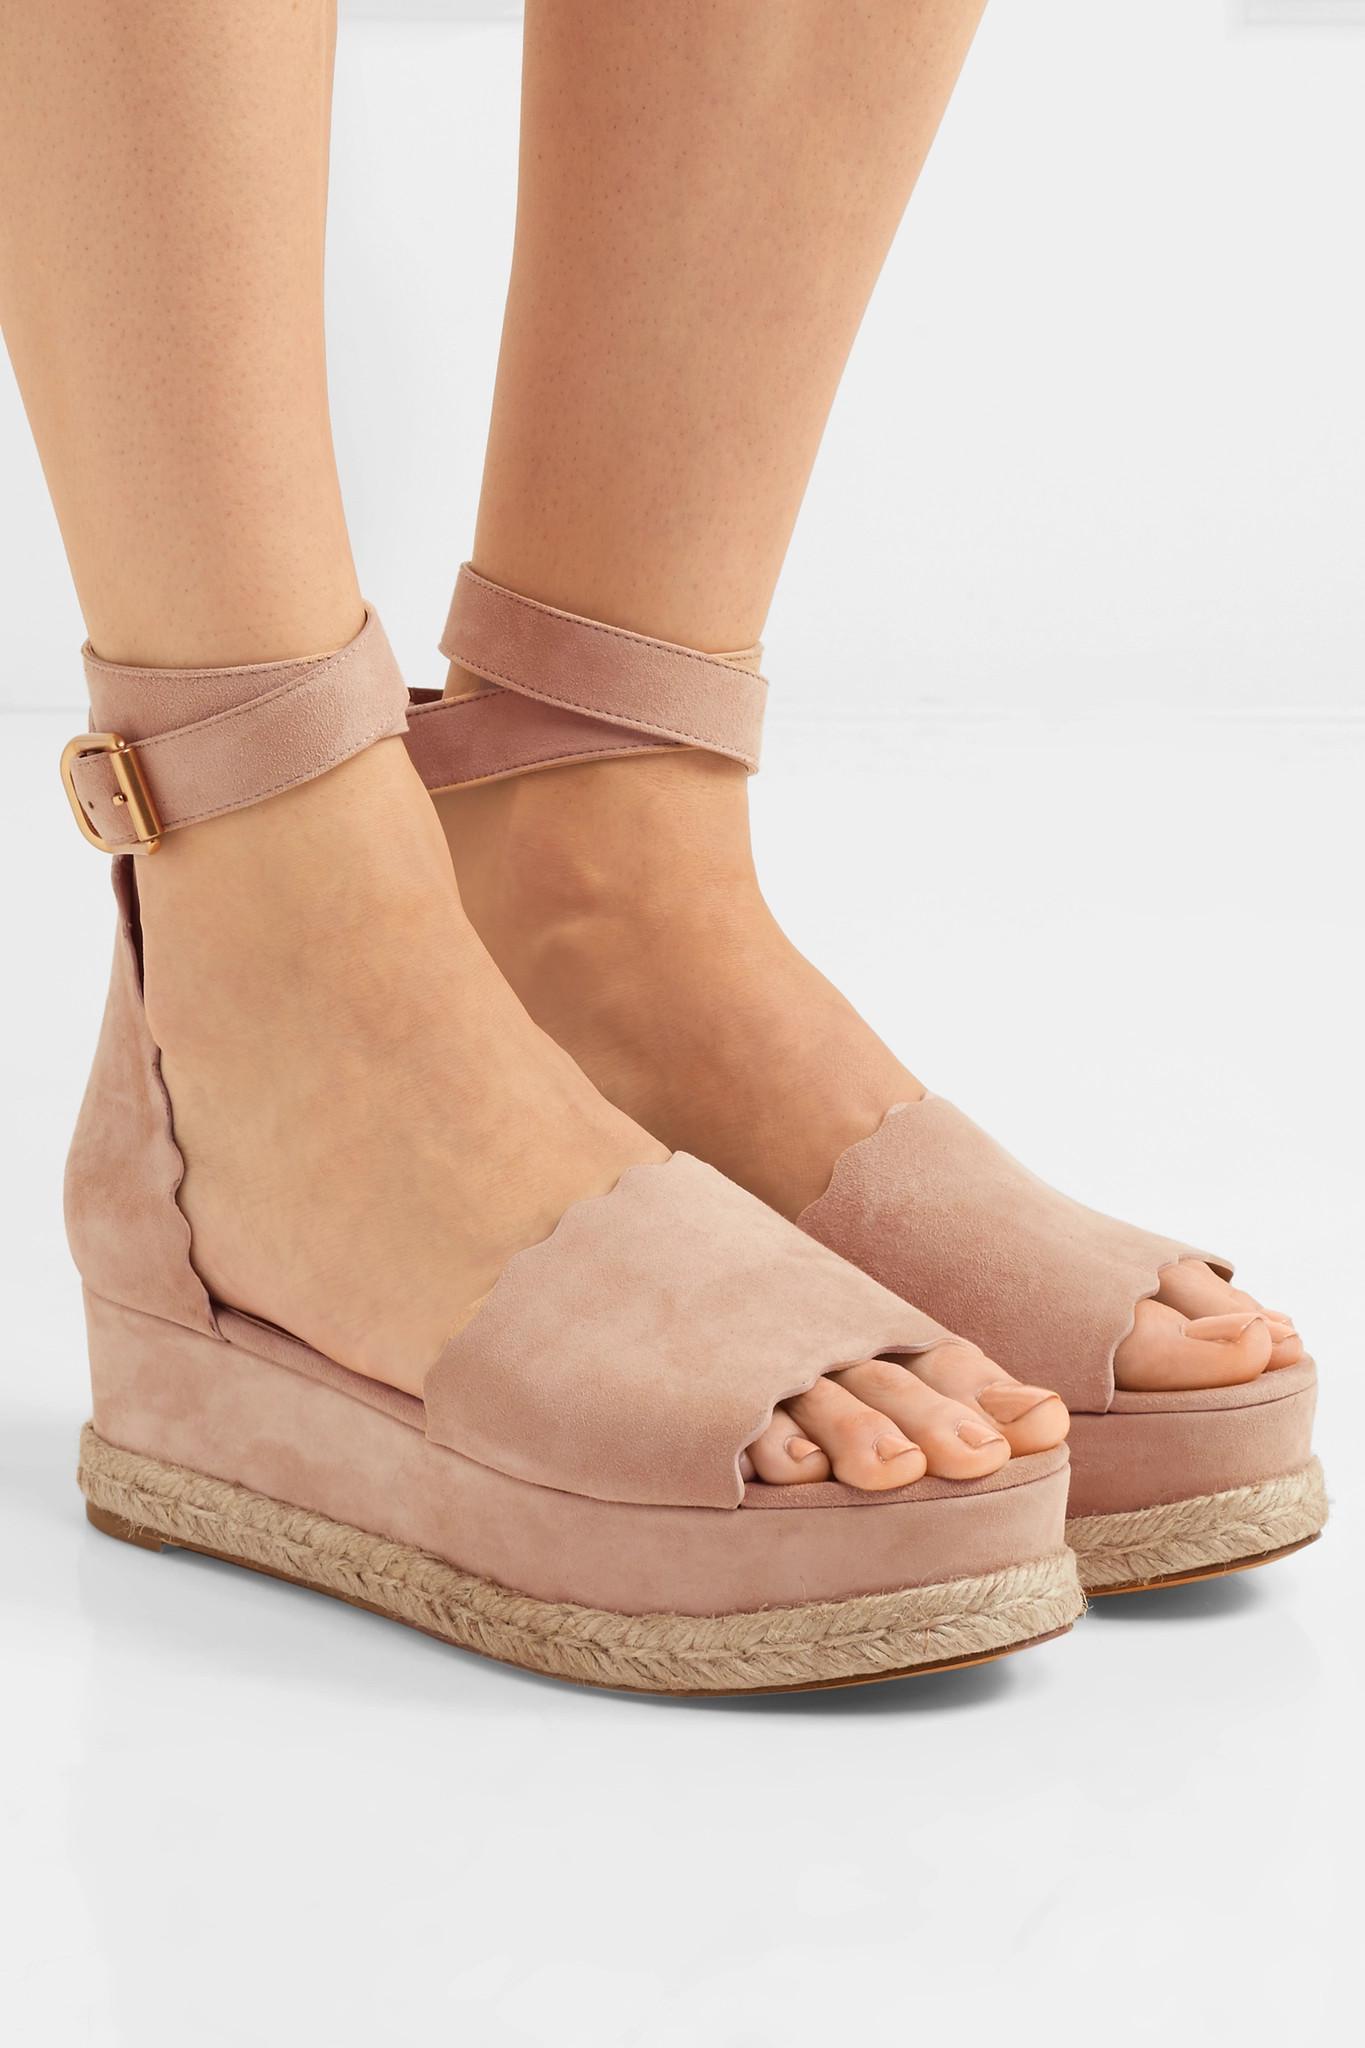 Chloé Lauren suede platform sandals Amazon Cheap Online Buy Cheap 100% Original phTp6nBL